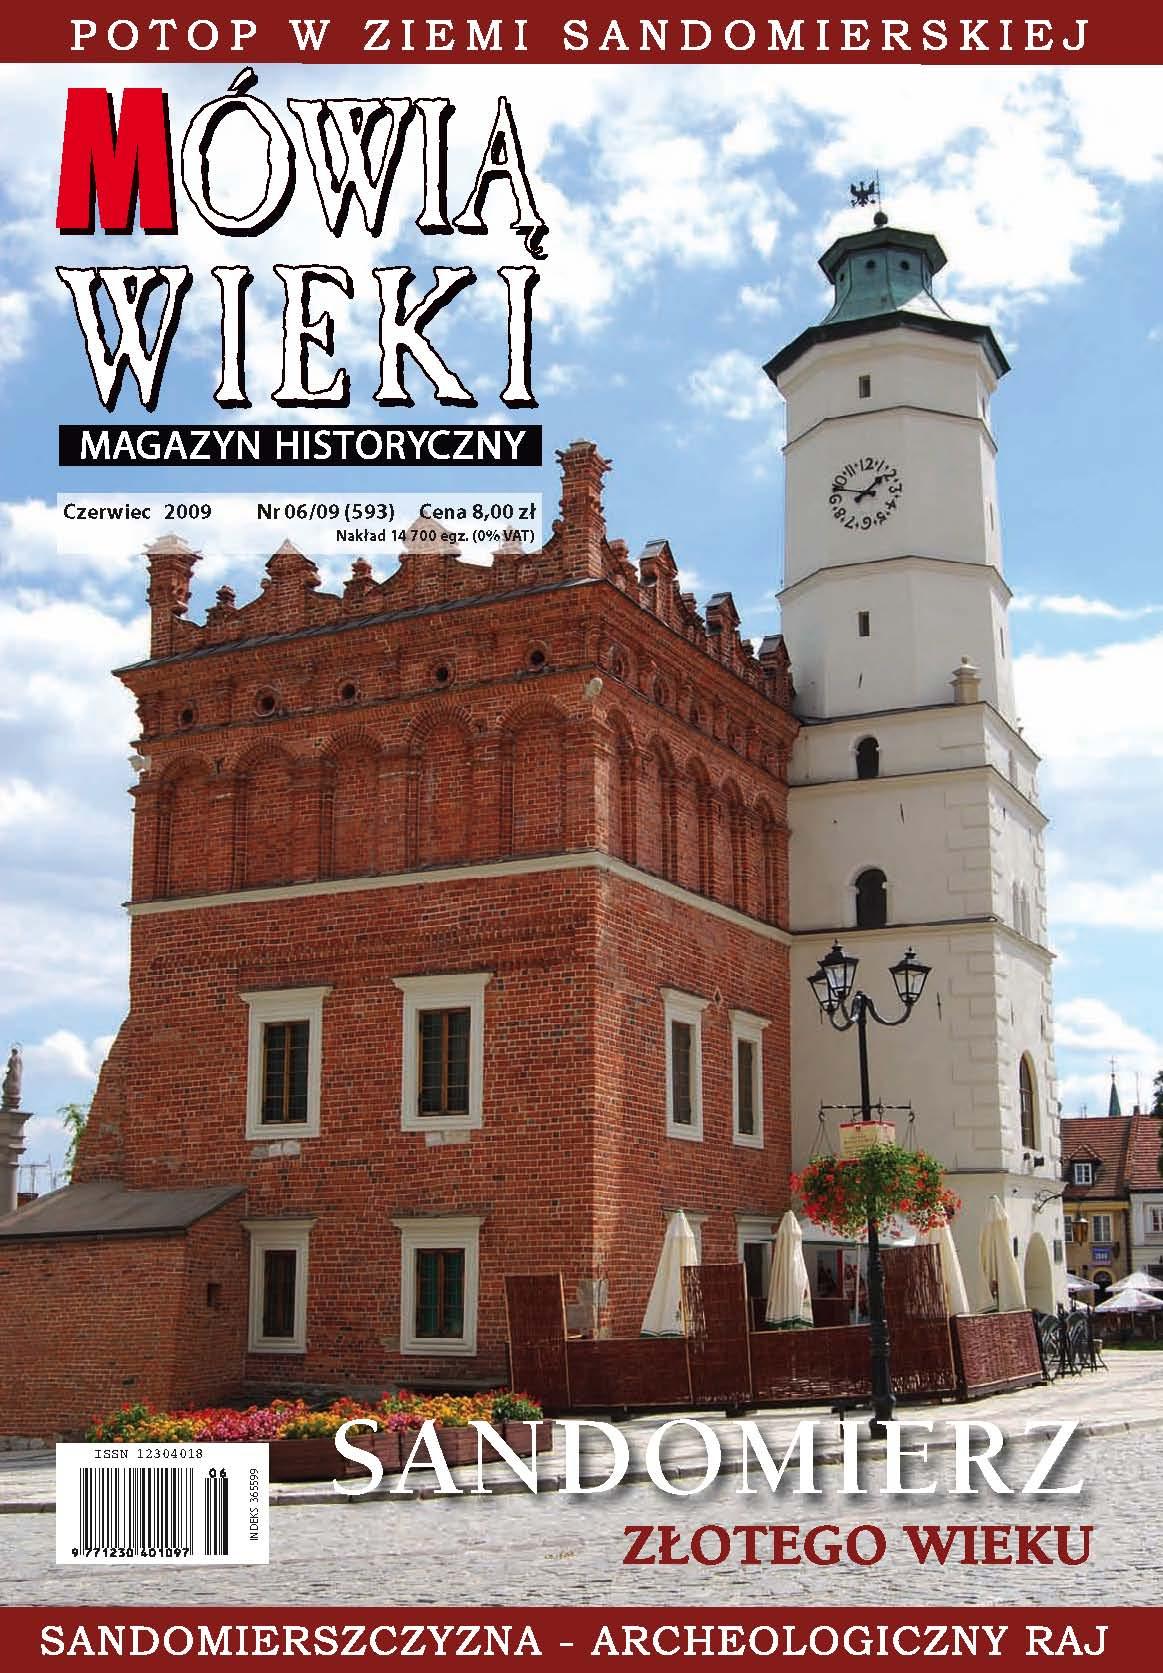 magazyn historyczny, mówią wieki - historia, polityka, ciekawostki,e-prasa, czasopisma, materialy edukacyjne,bellona, epartnerzy.com